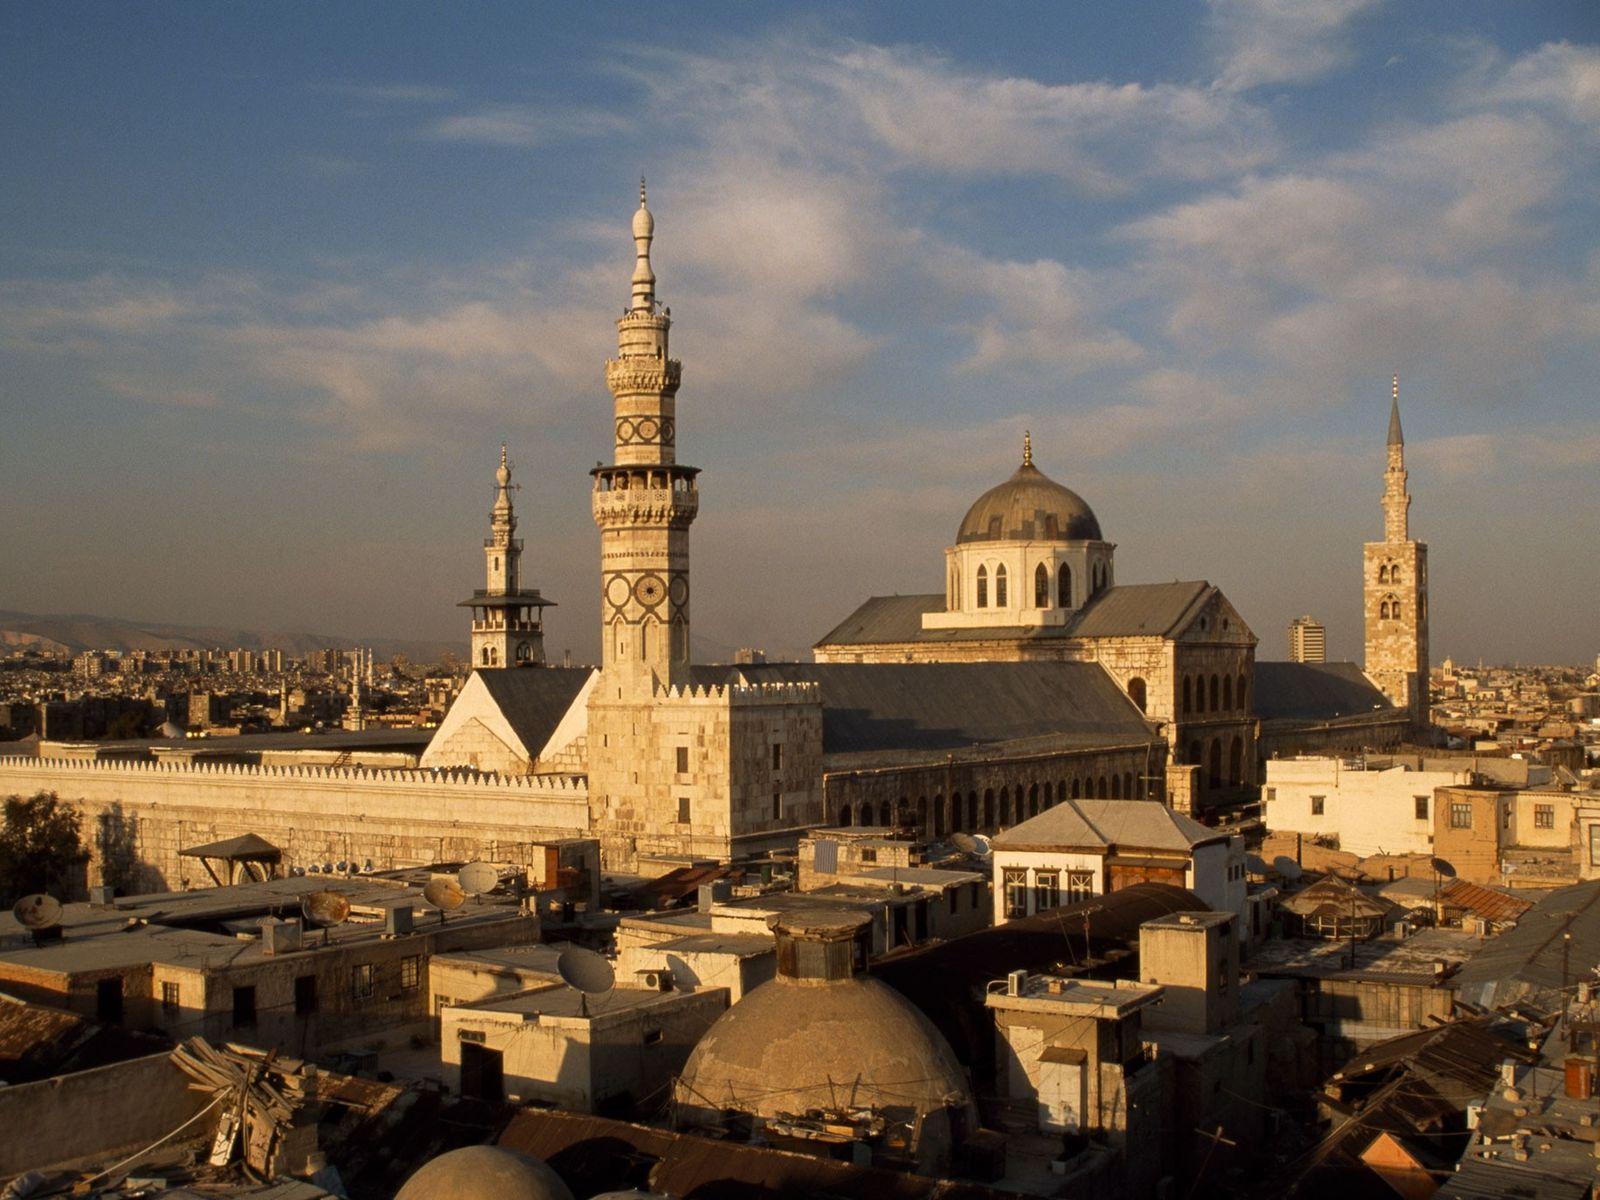 Die große Umayyaden-Moschee wurde vor 1.300 Jahren errichtet, als Damaskus die Hauptstadt der gleichnamigen Dynastie war.